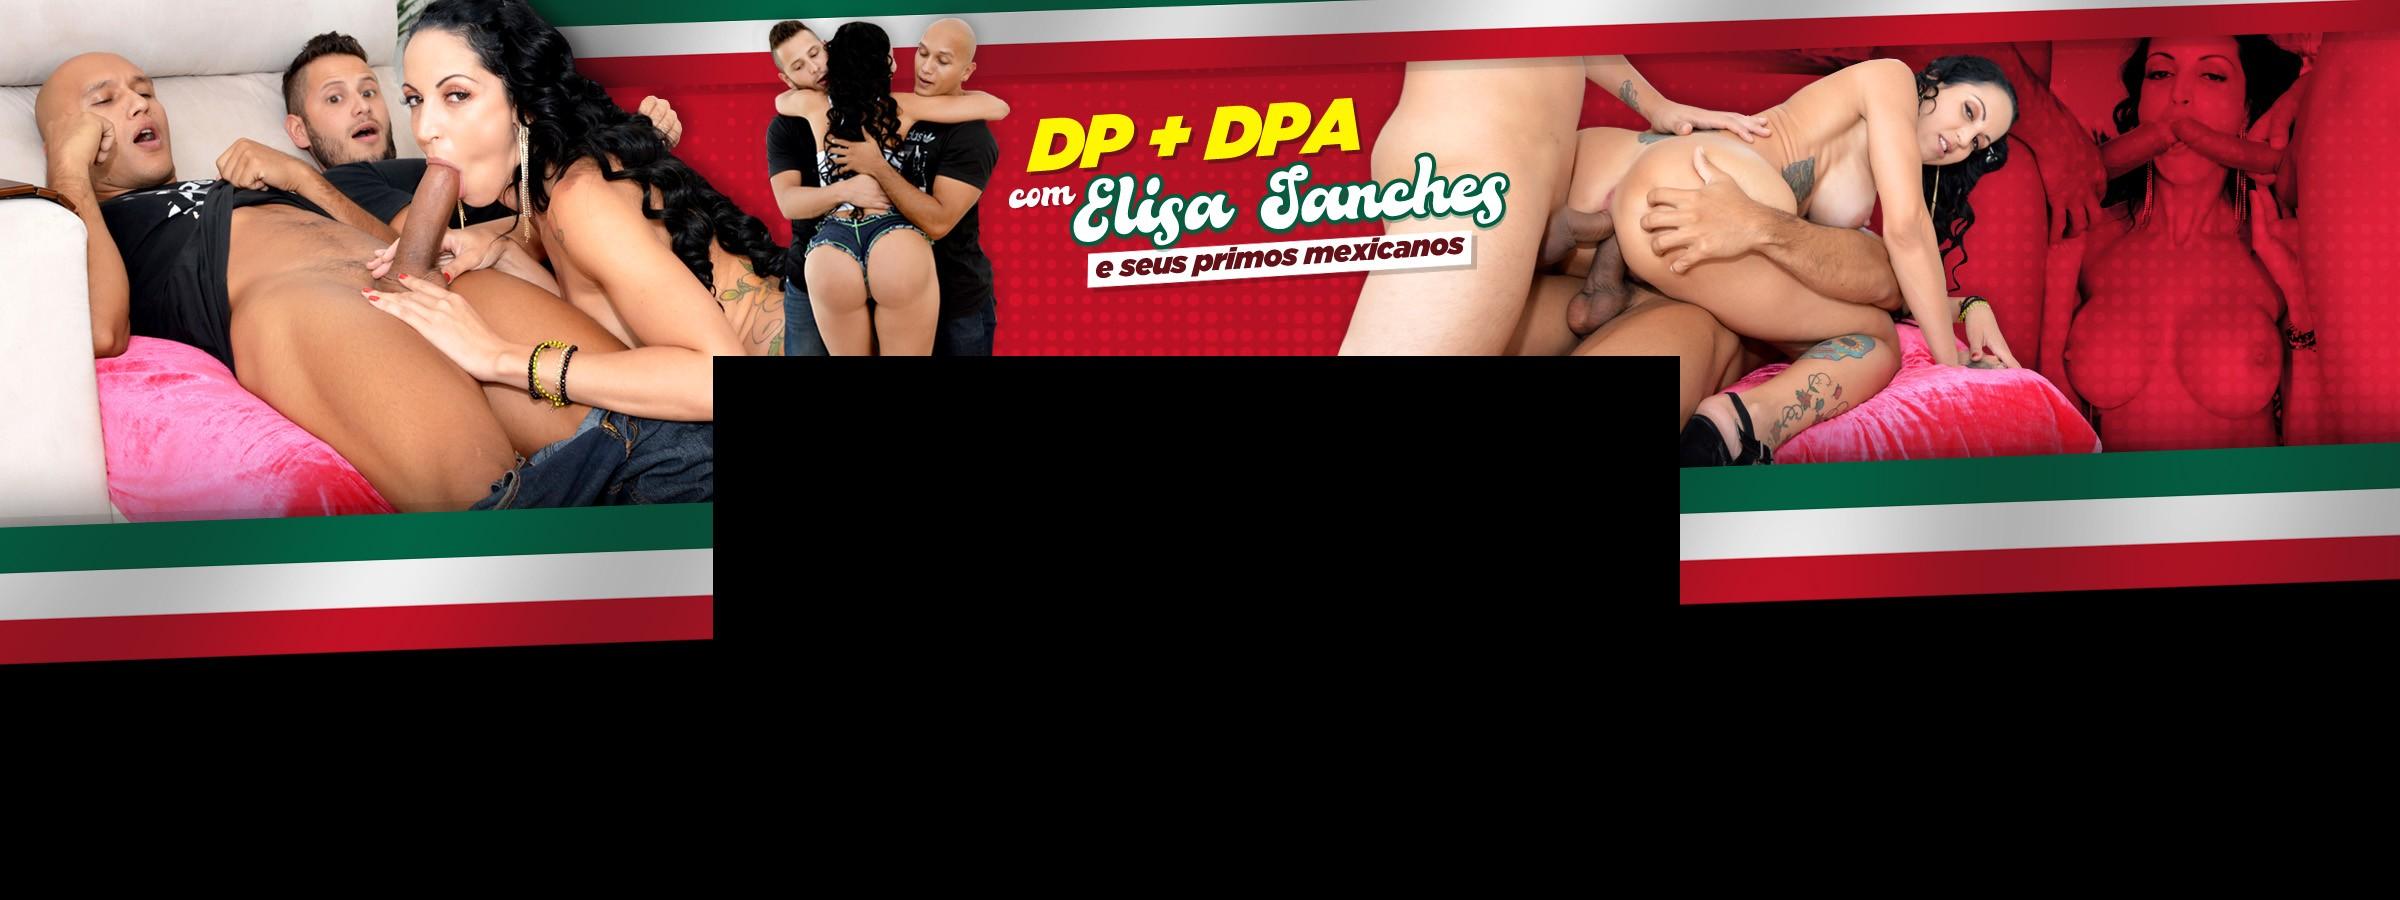 Primos Mexicanos tarados DP e DPA com Elisa Sanches